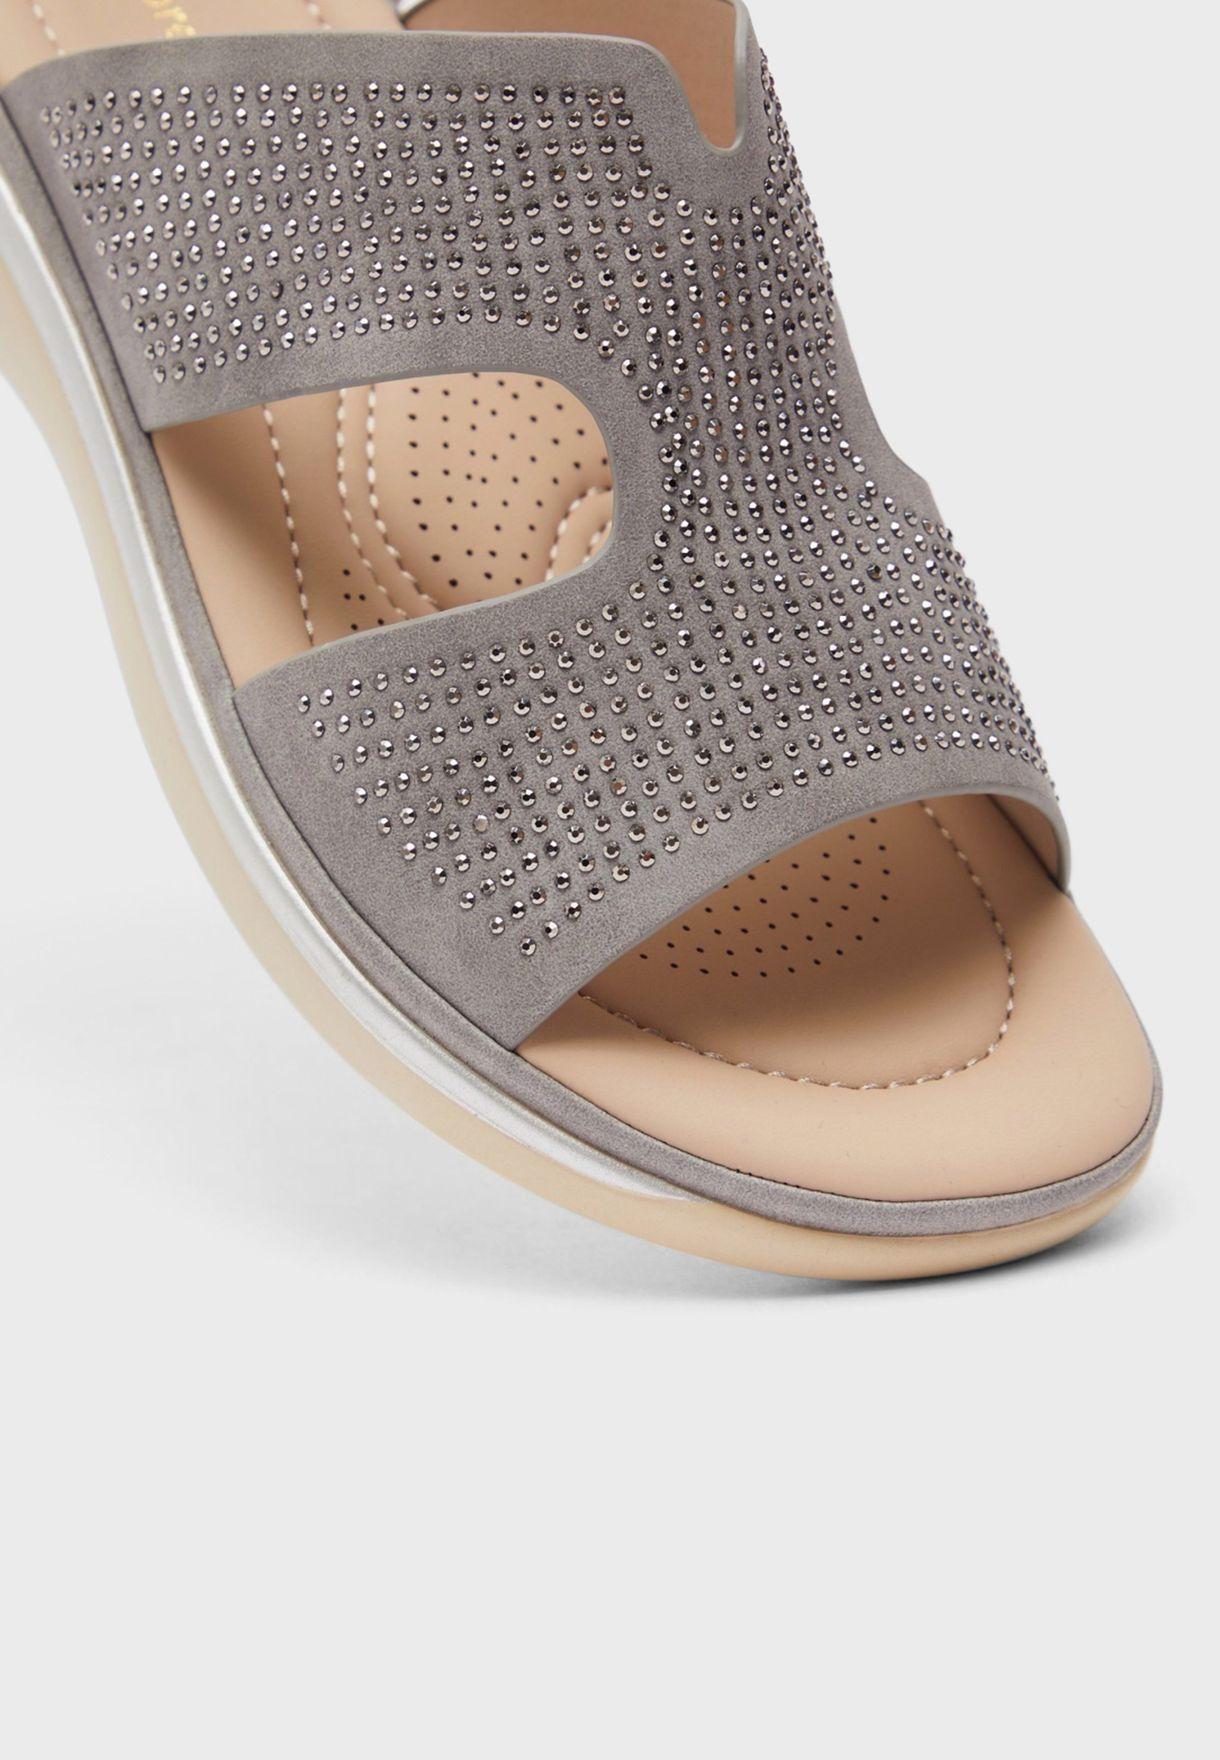 Casual Low Heel Wedge Sandals